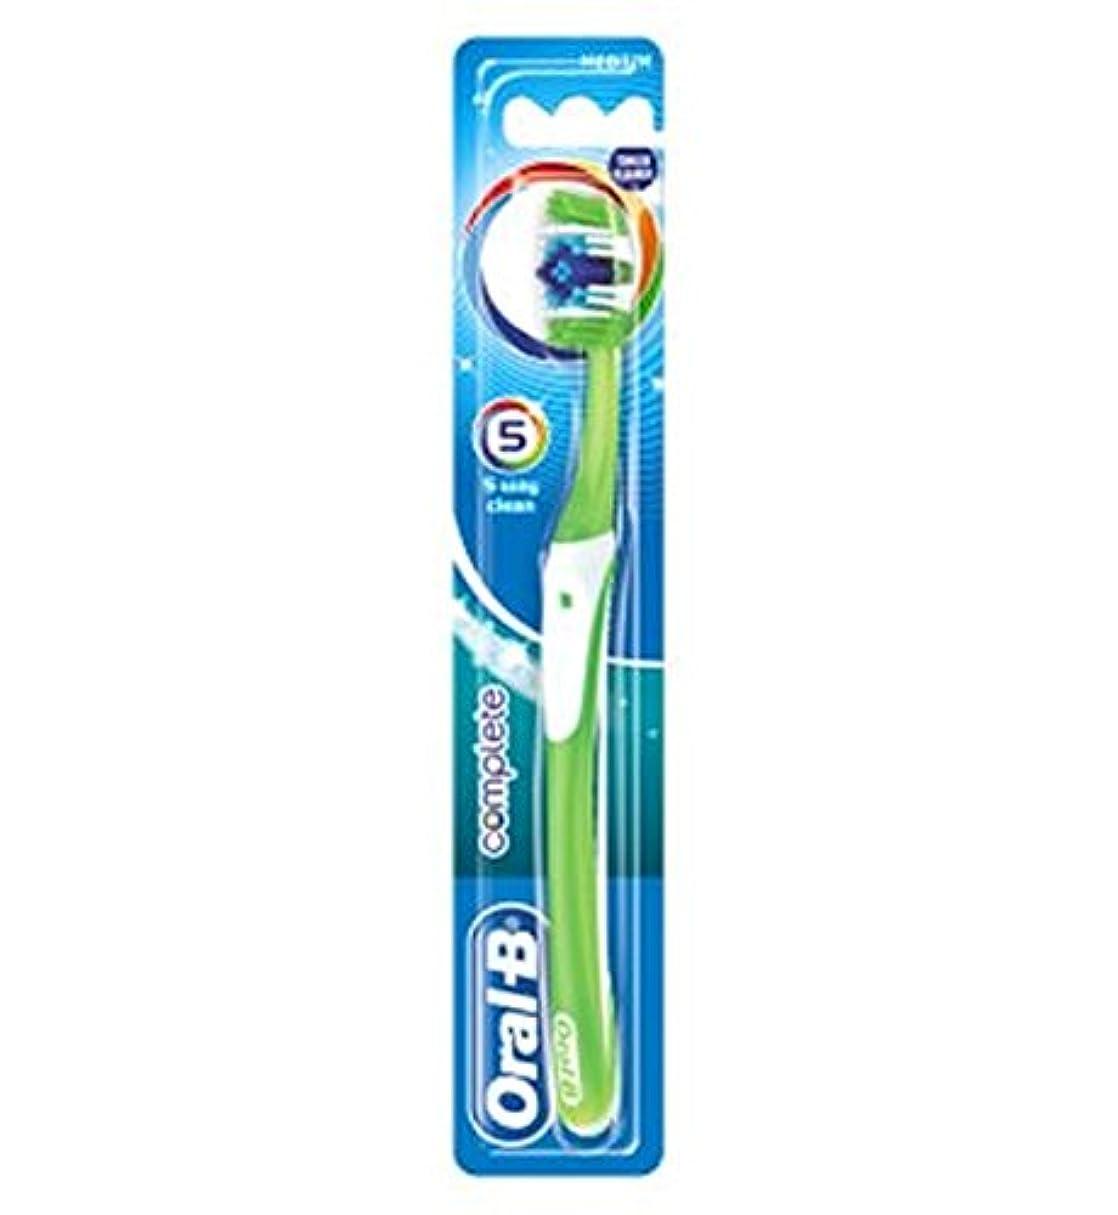 生産的兄記念日Oral-B Complete 5 Way Clean Medium Manual Toothbrush - オーラルBの完全な5道クリーンなメディアの手動歯ブラシ (Oral B) [並行輸入品]